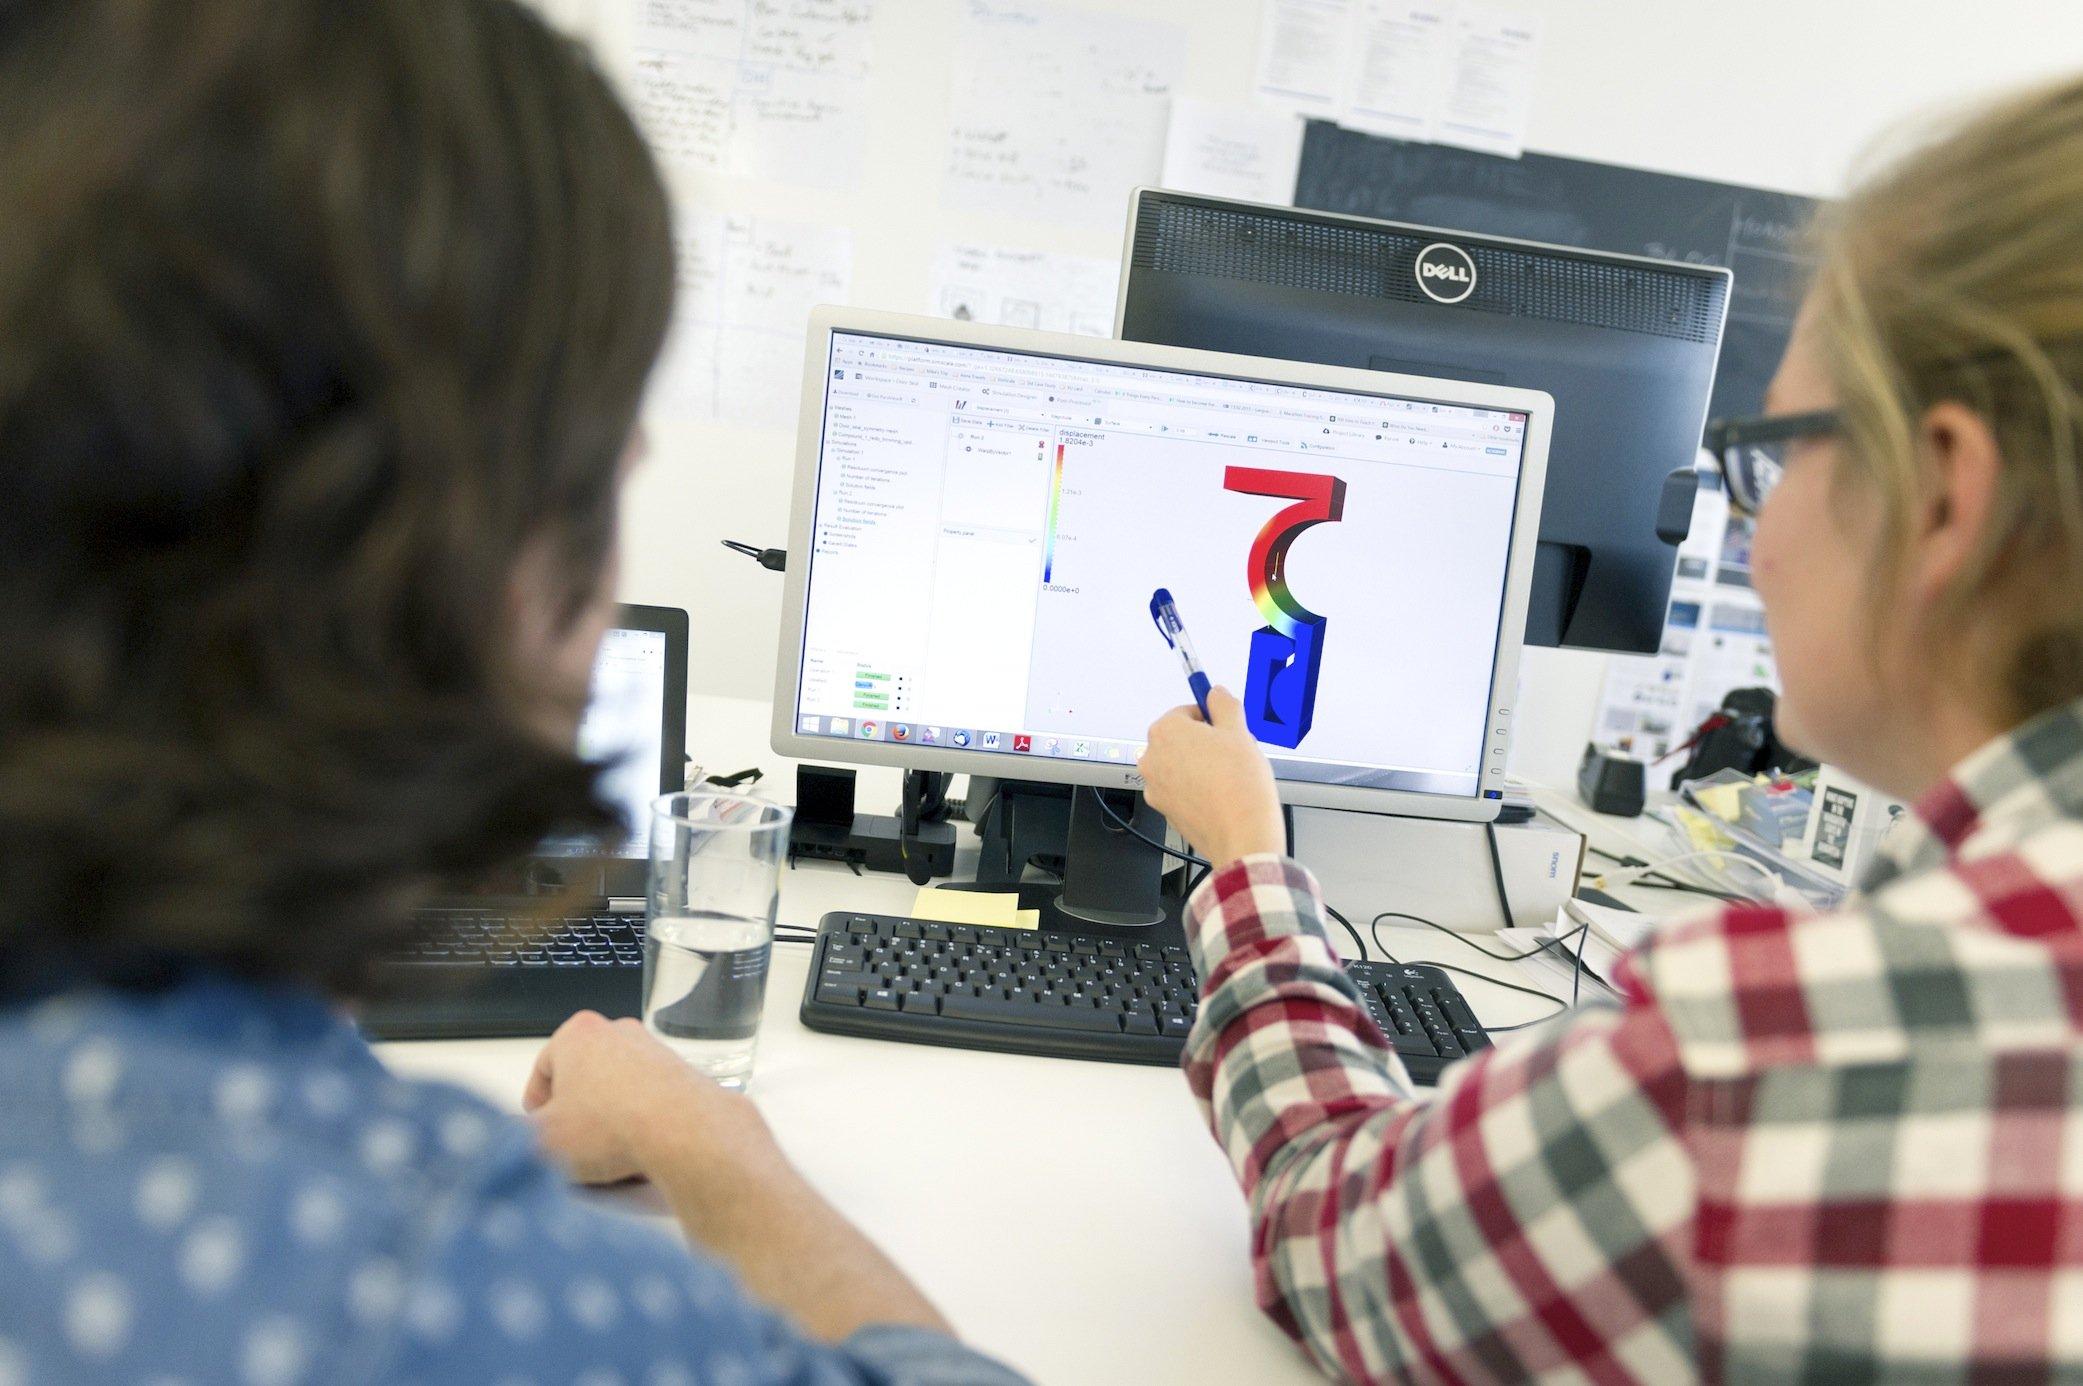 Die Simulationssoftware ist webbasiert und ermöglicht sogar Studenten, beispielsweise das Strömungsverhalten eigener Entwürfe zu testen.